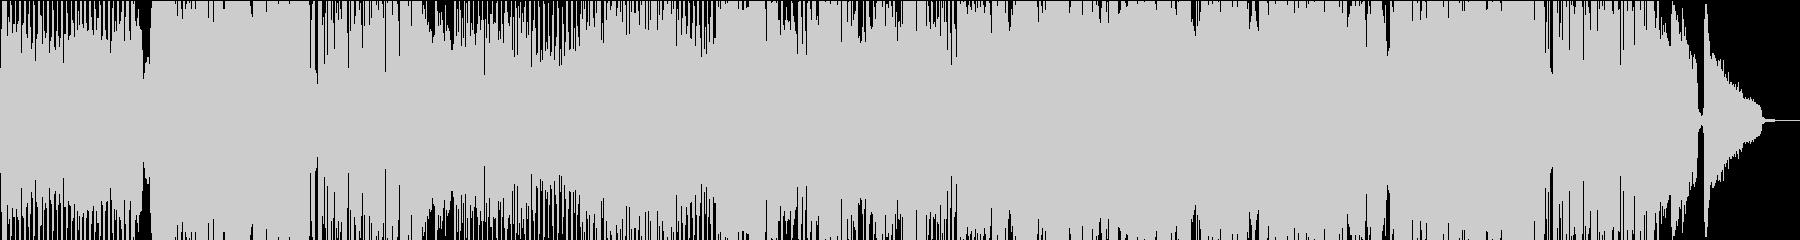 キャッチーなJ-POP風インストテーマの未再生の波形